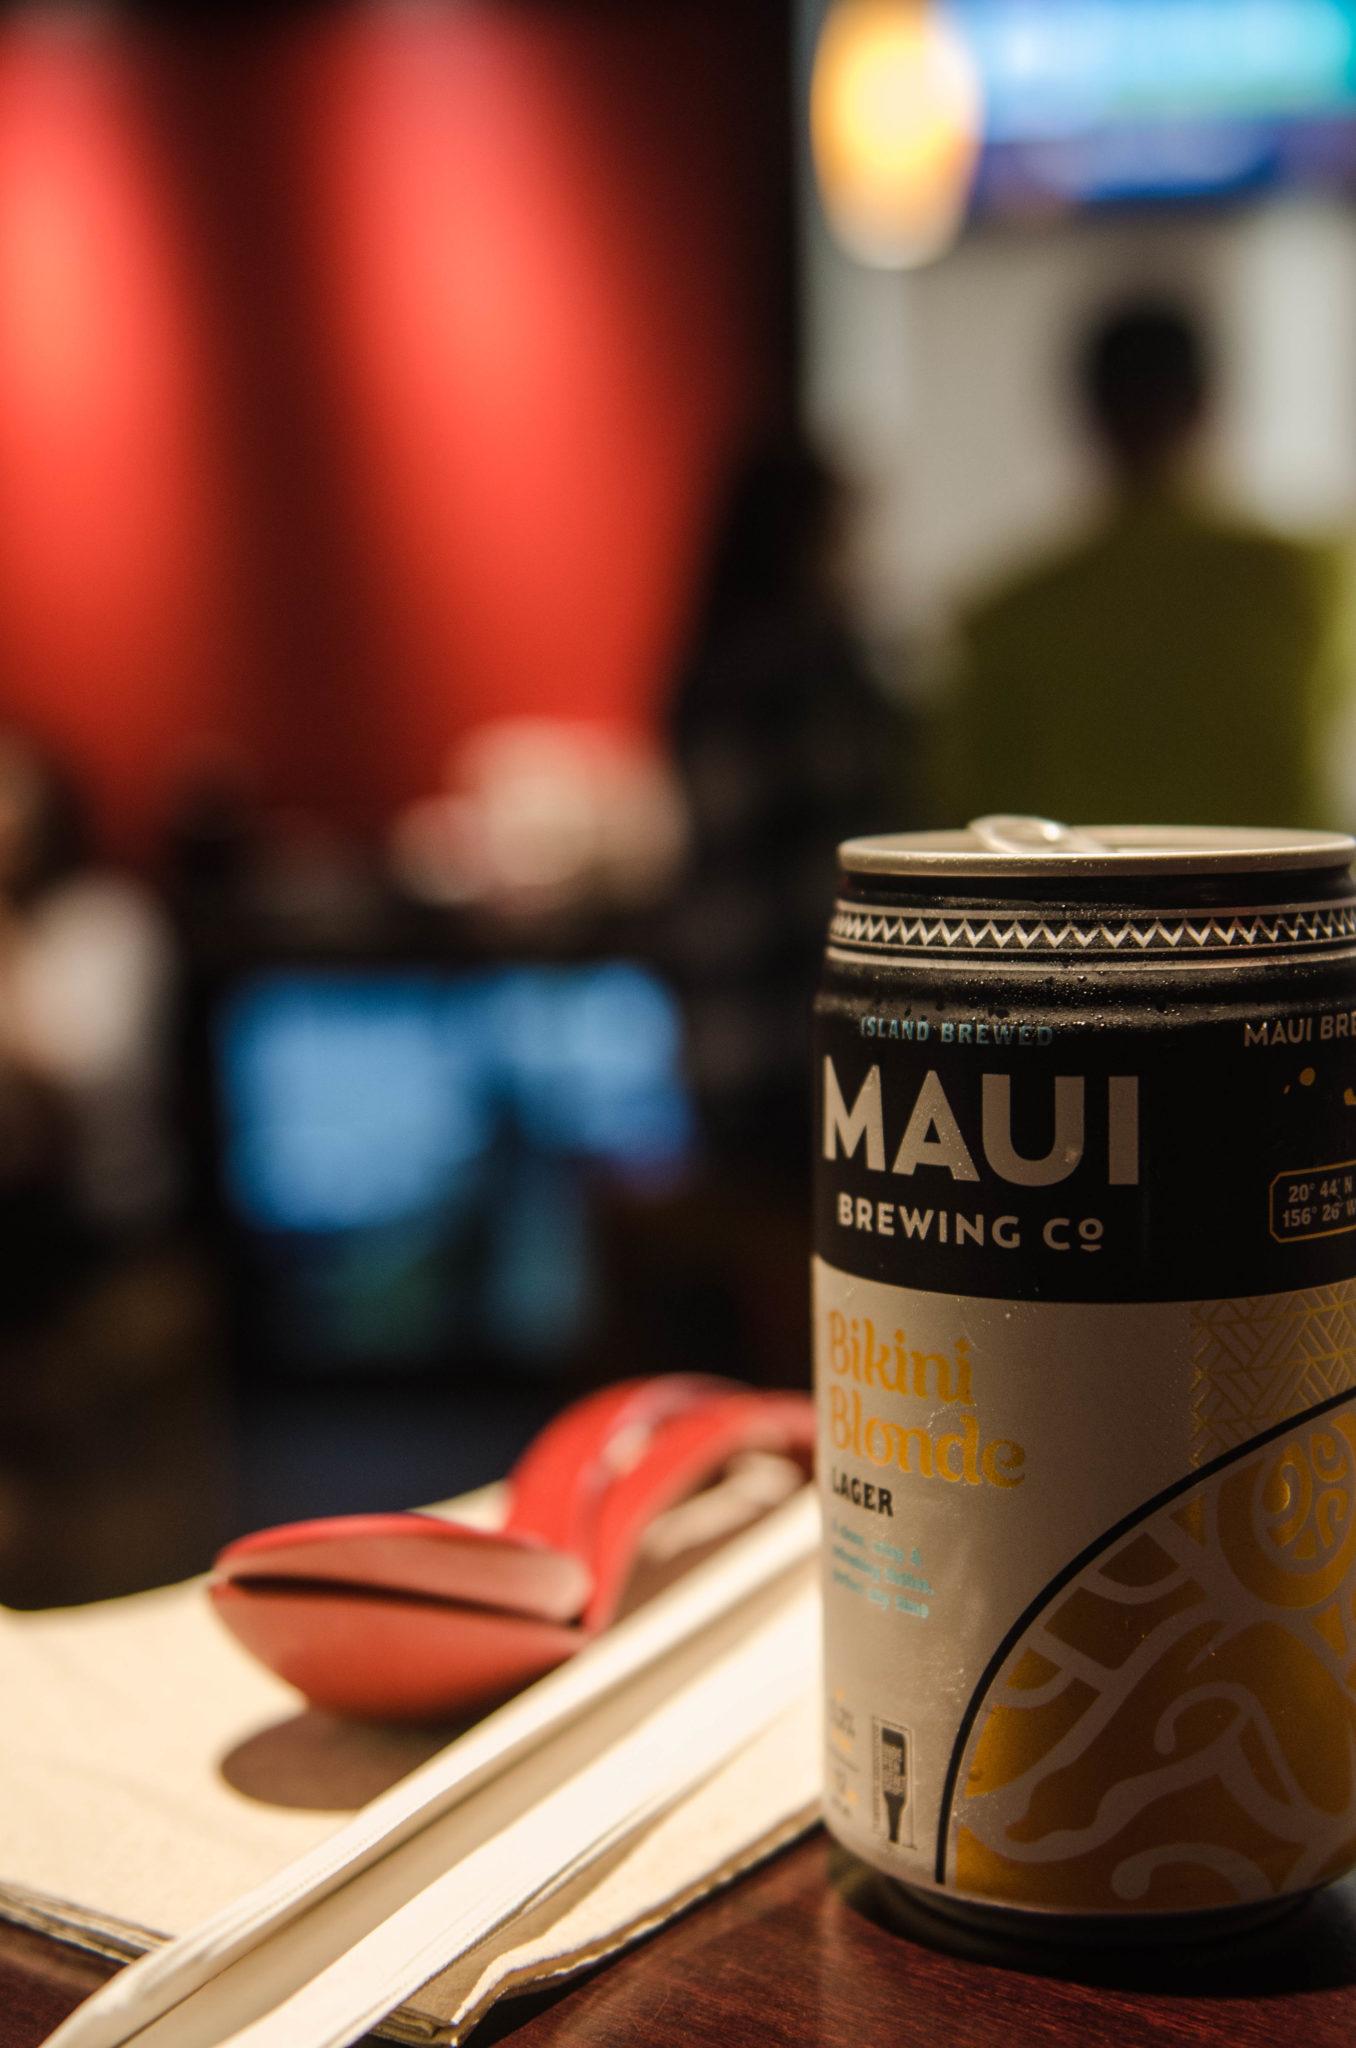 Sehenswürdigkeiten Hawaii: Bier auf Hawaii gibt es meistens aus kleinen Brauereien